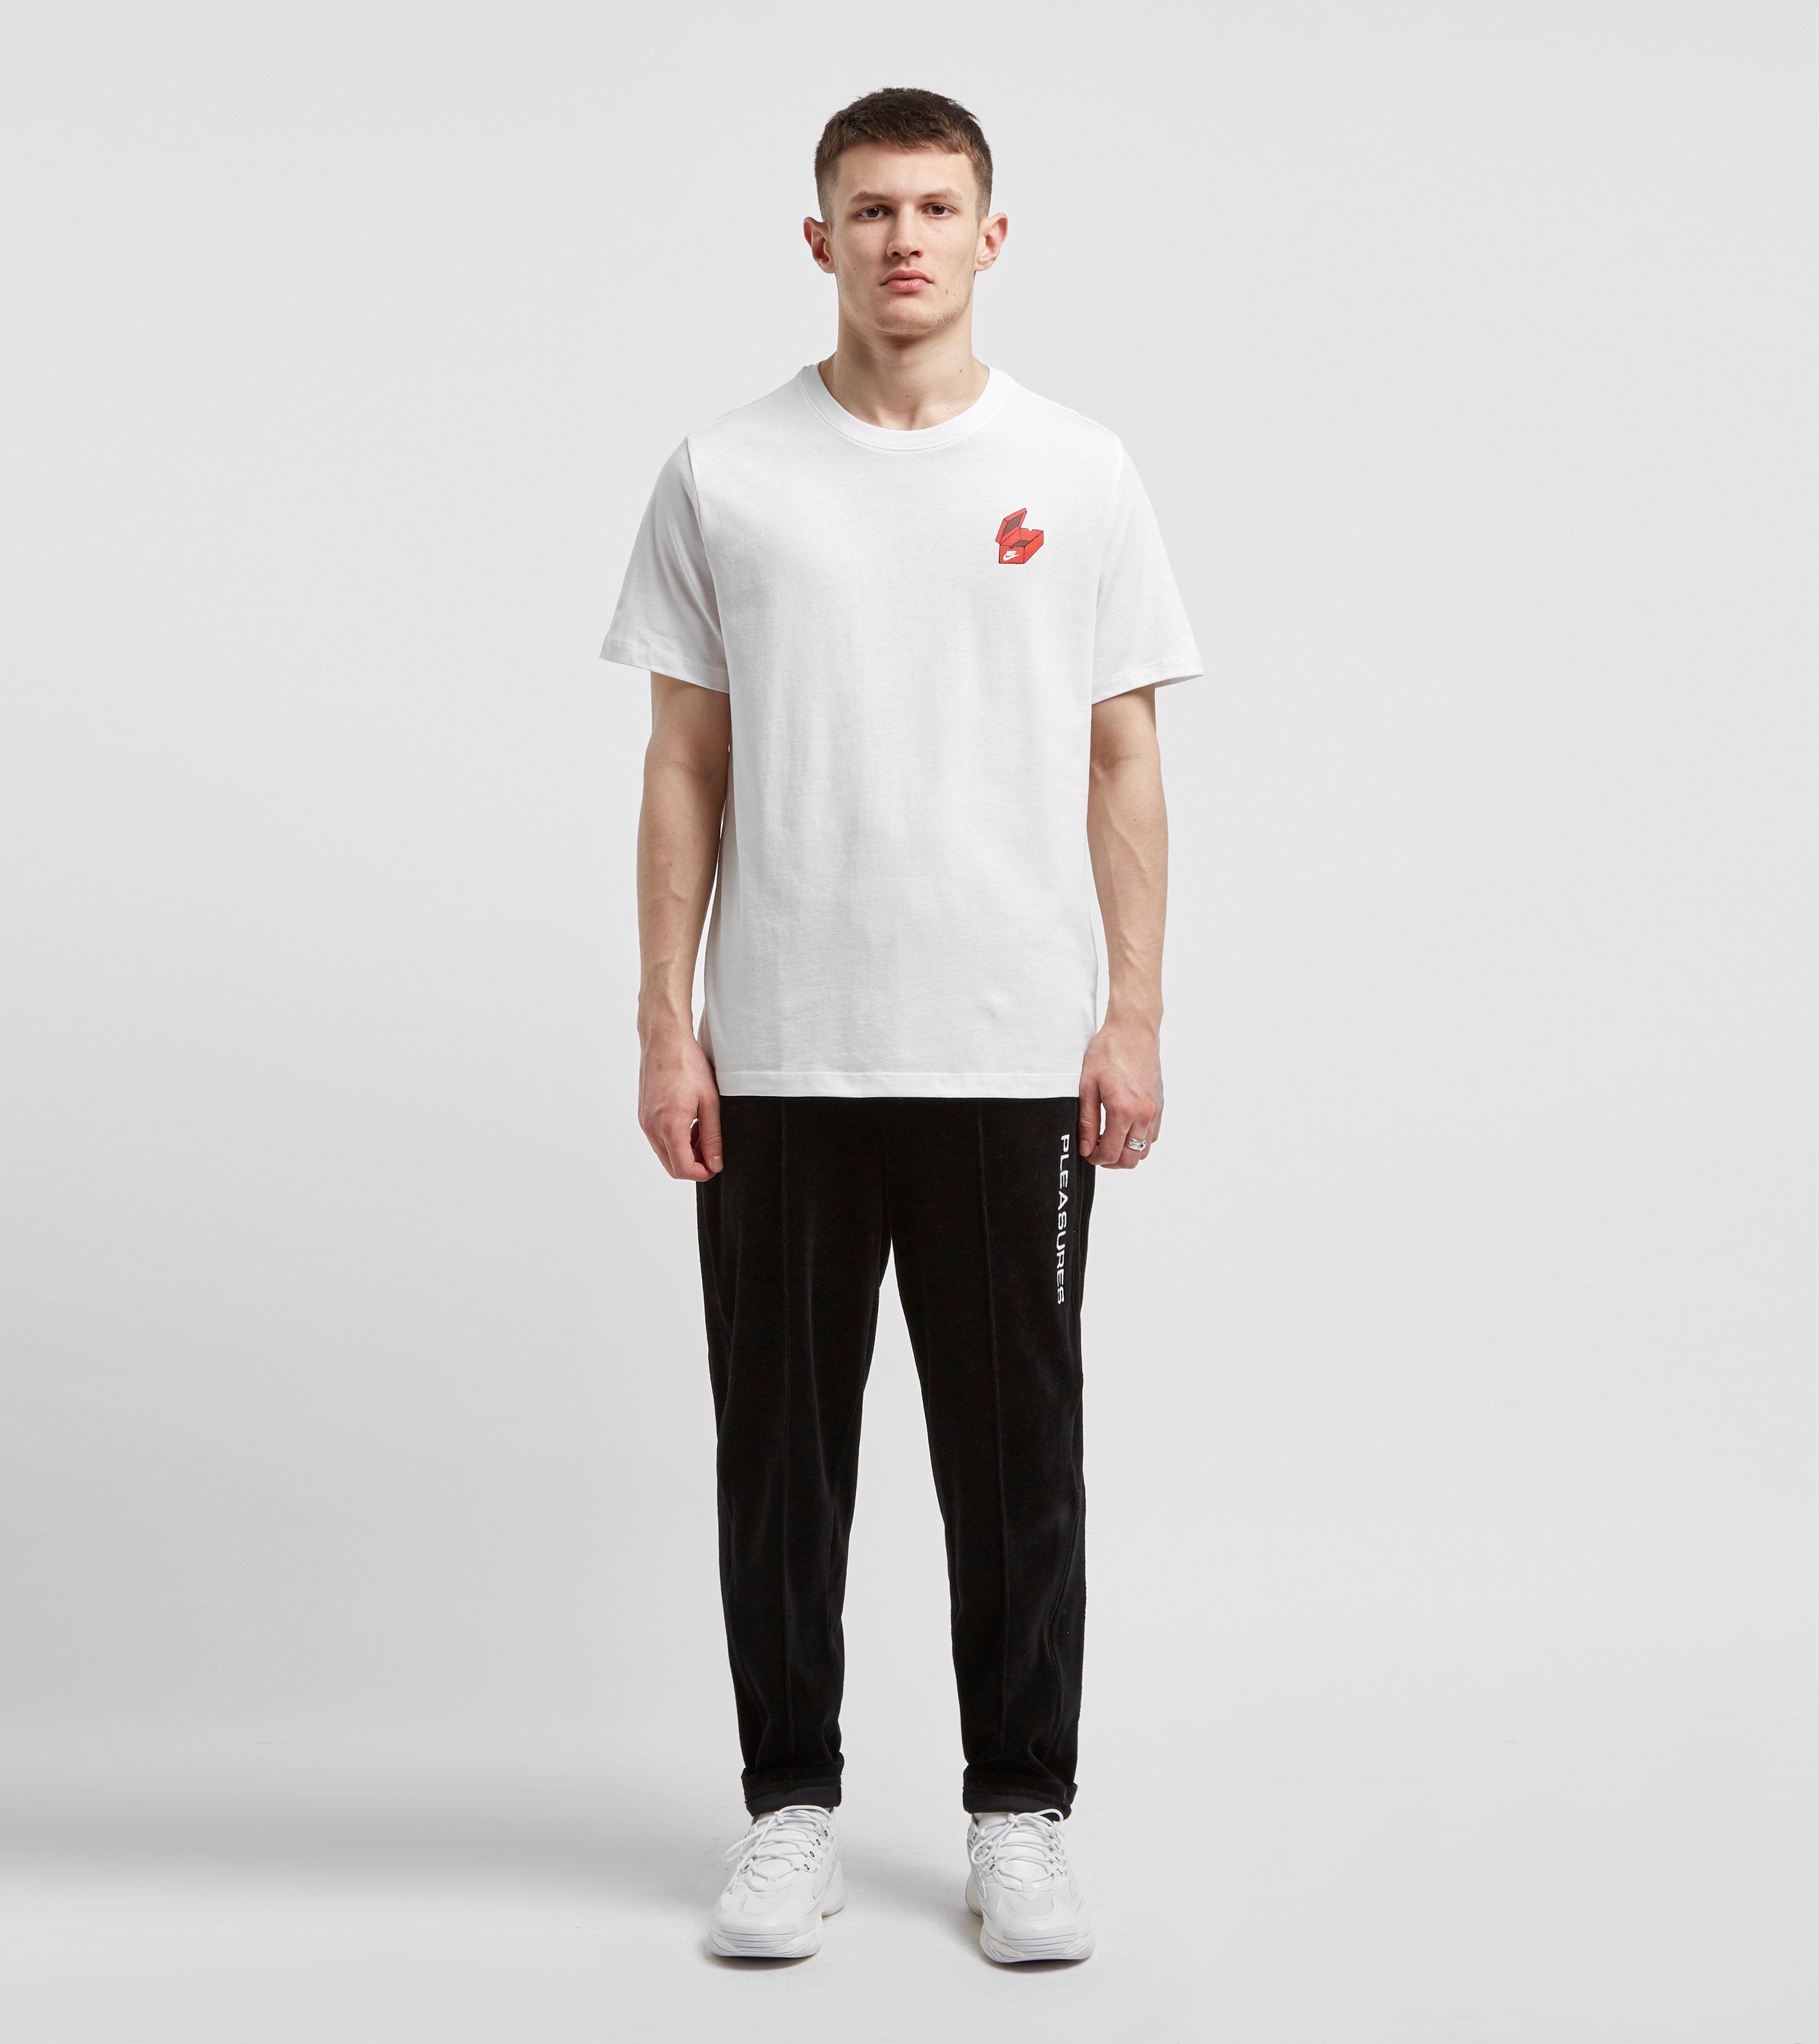 Nike Shoe Box T-Shirt